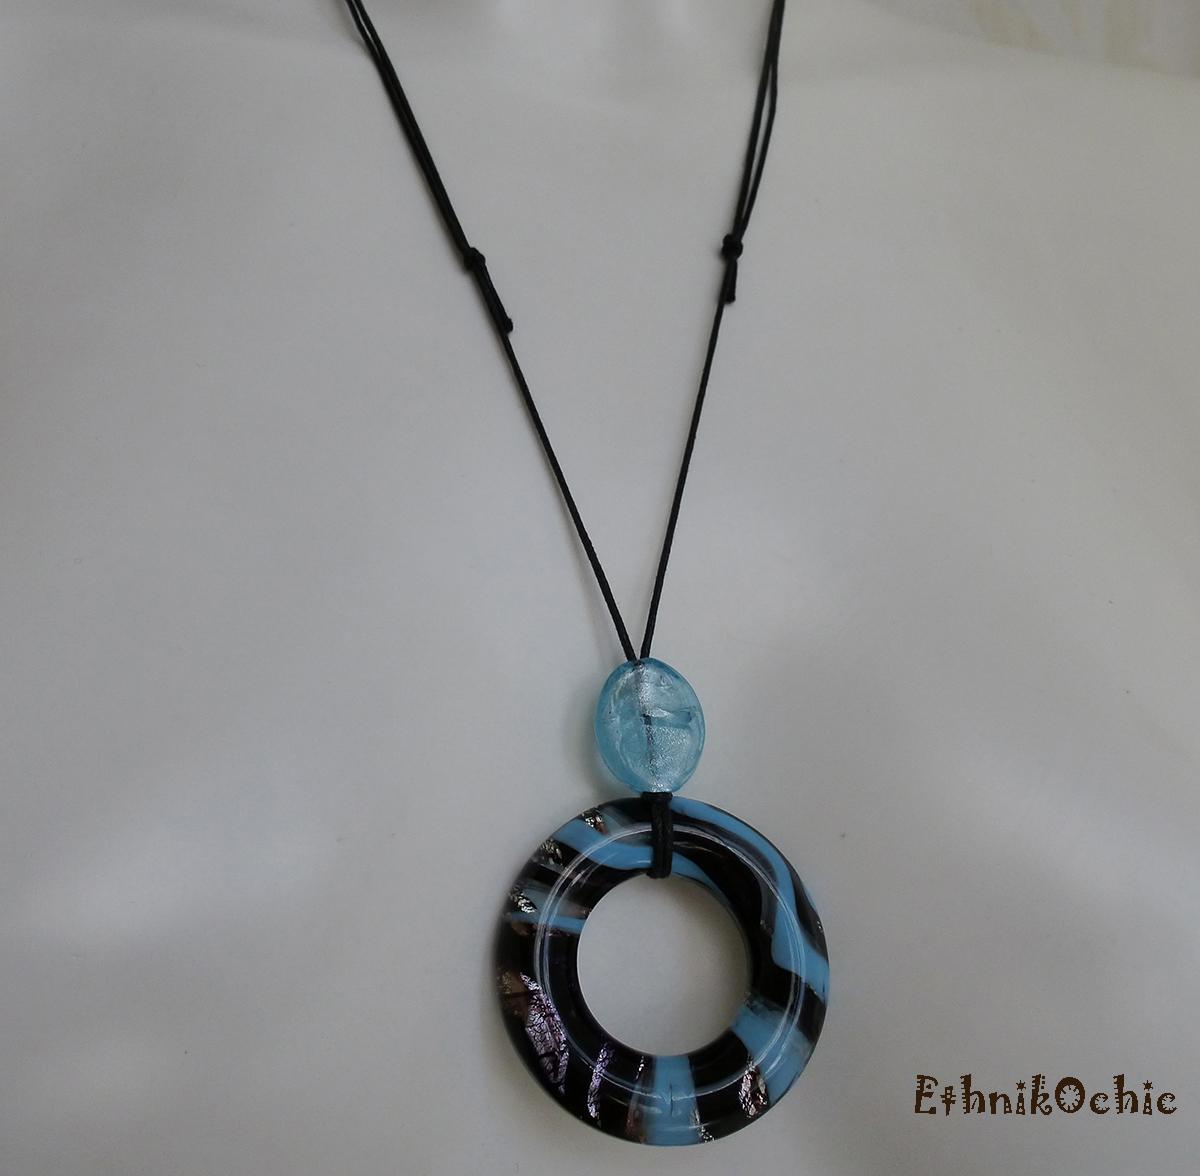 Dsbijoux ethnikochic bijoux cr ation fantaisie fait main pas cher proche rouen evreux paris - Materiel creation bijoux pas cher ...